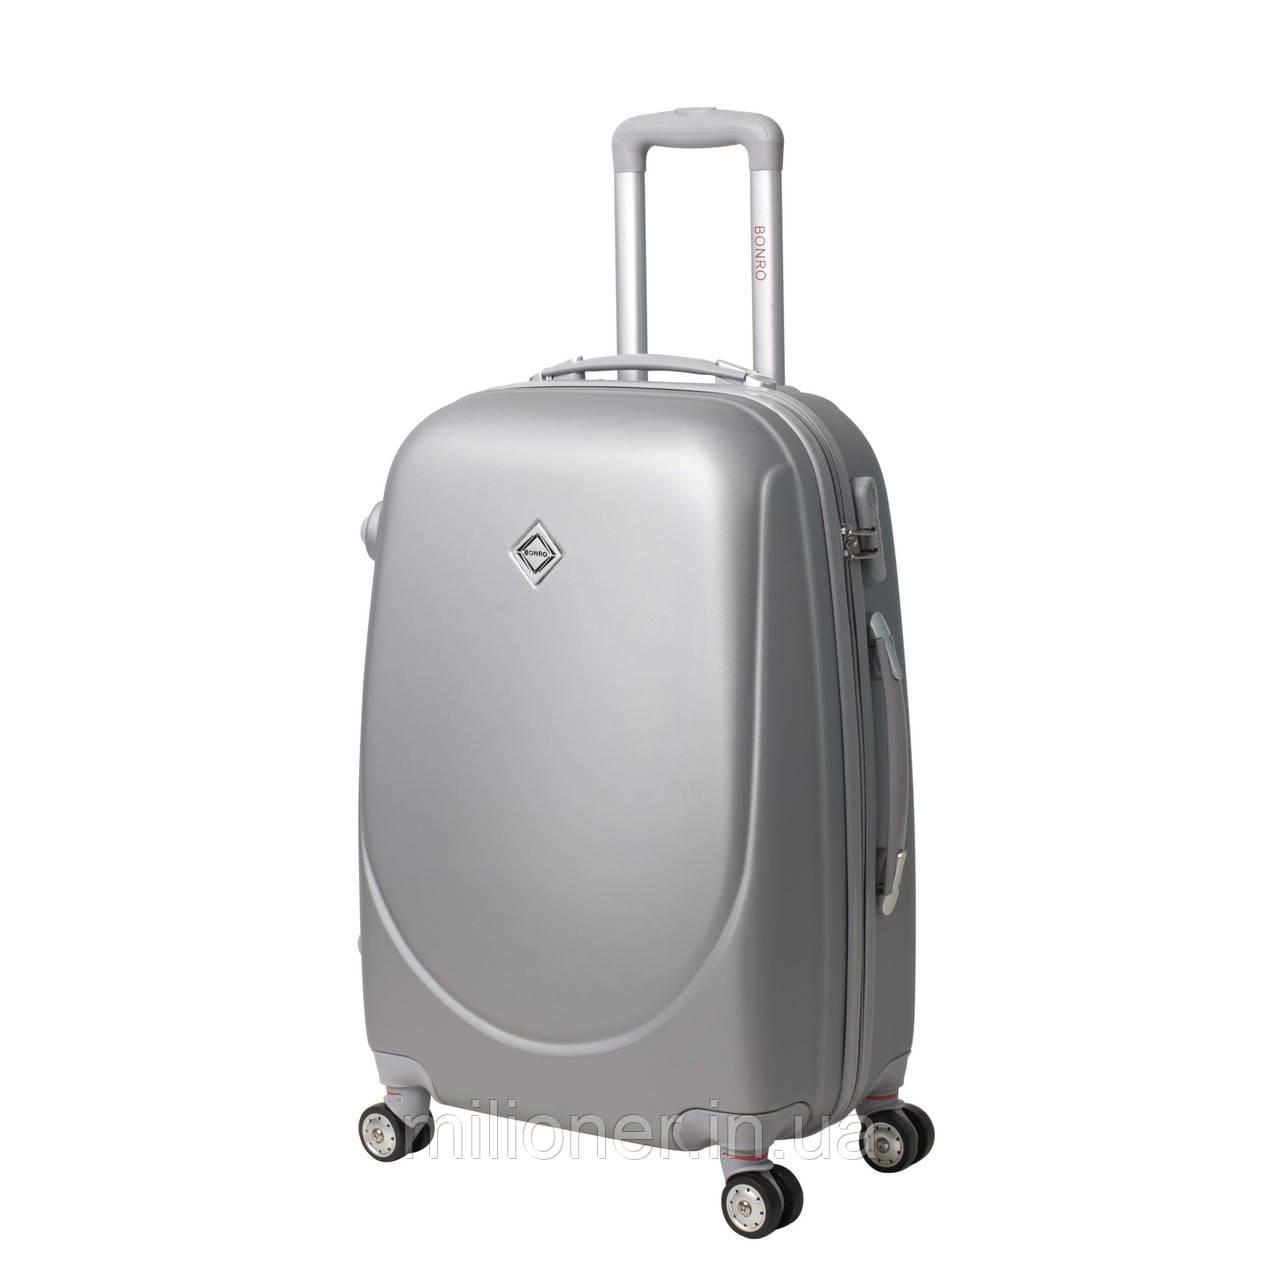 Чемодан Bonro Smile с двойными колесами (большой) серебряный